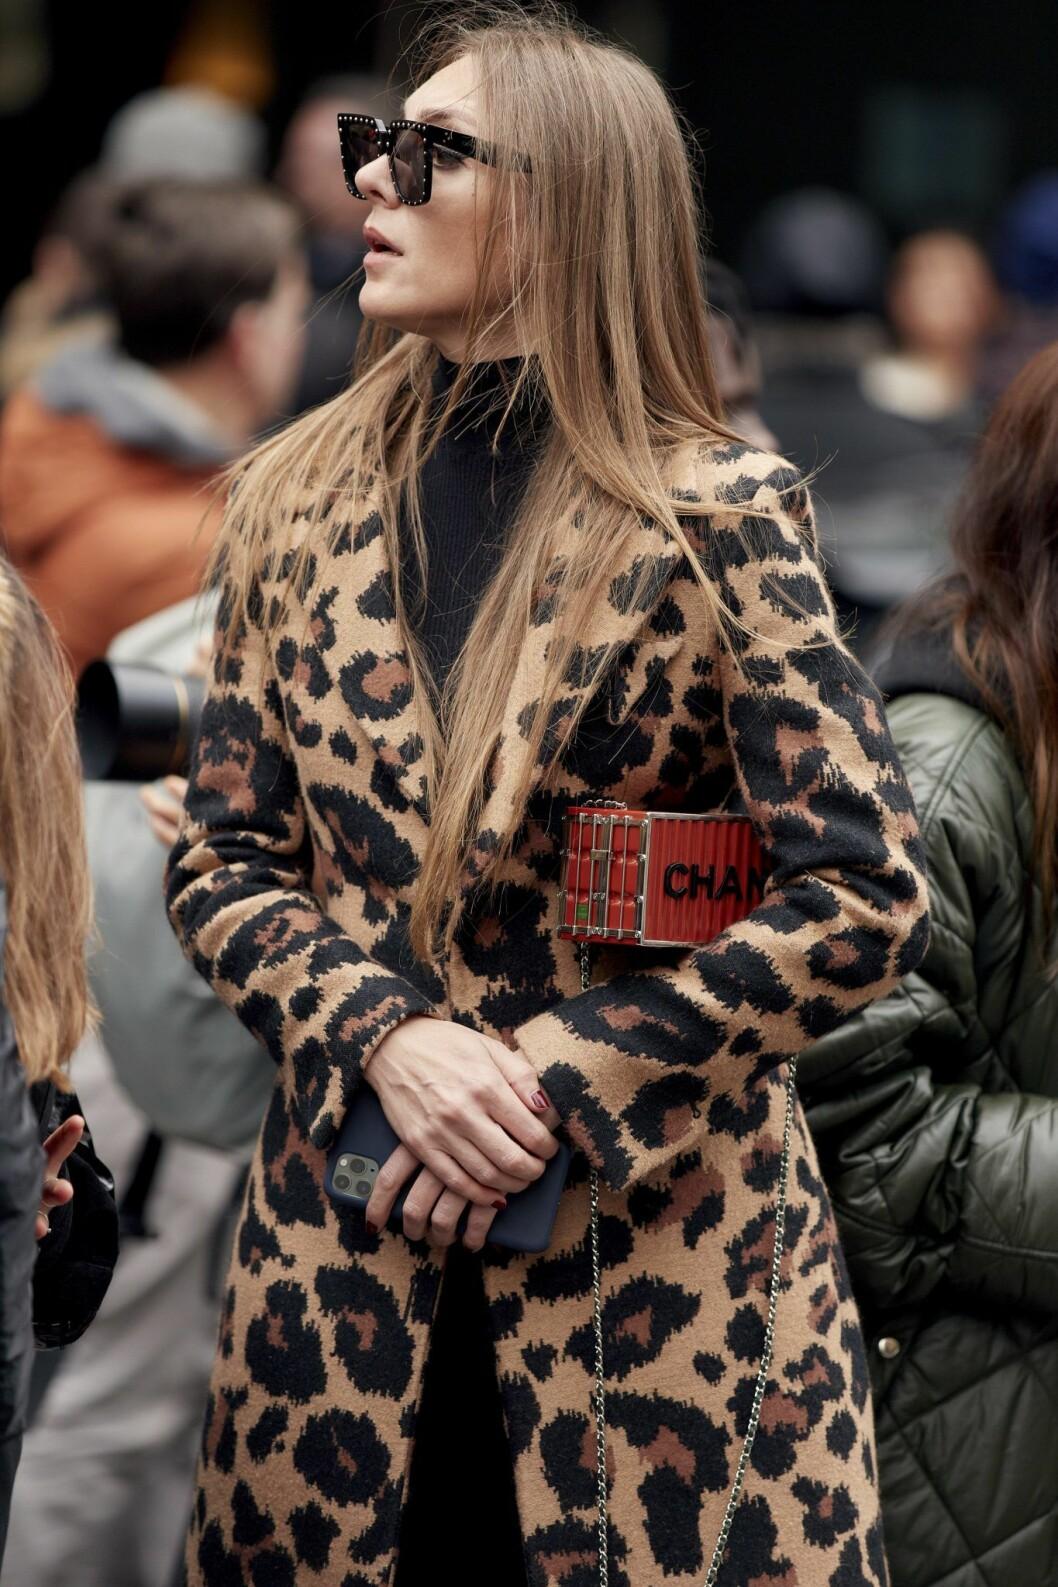 Leopardkappa Paris Fashion Week Streetstyle.